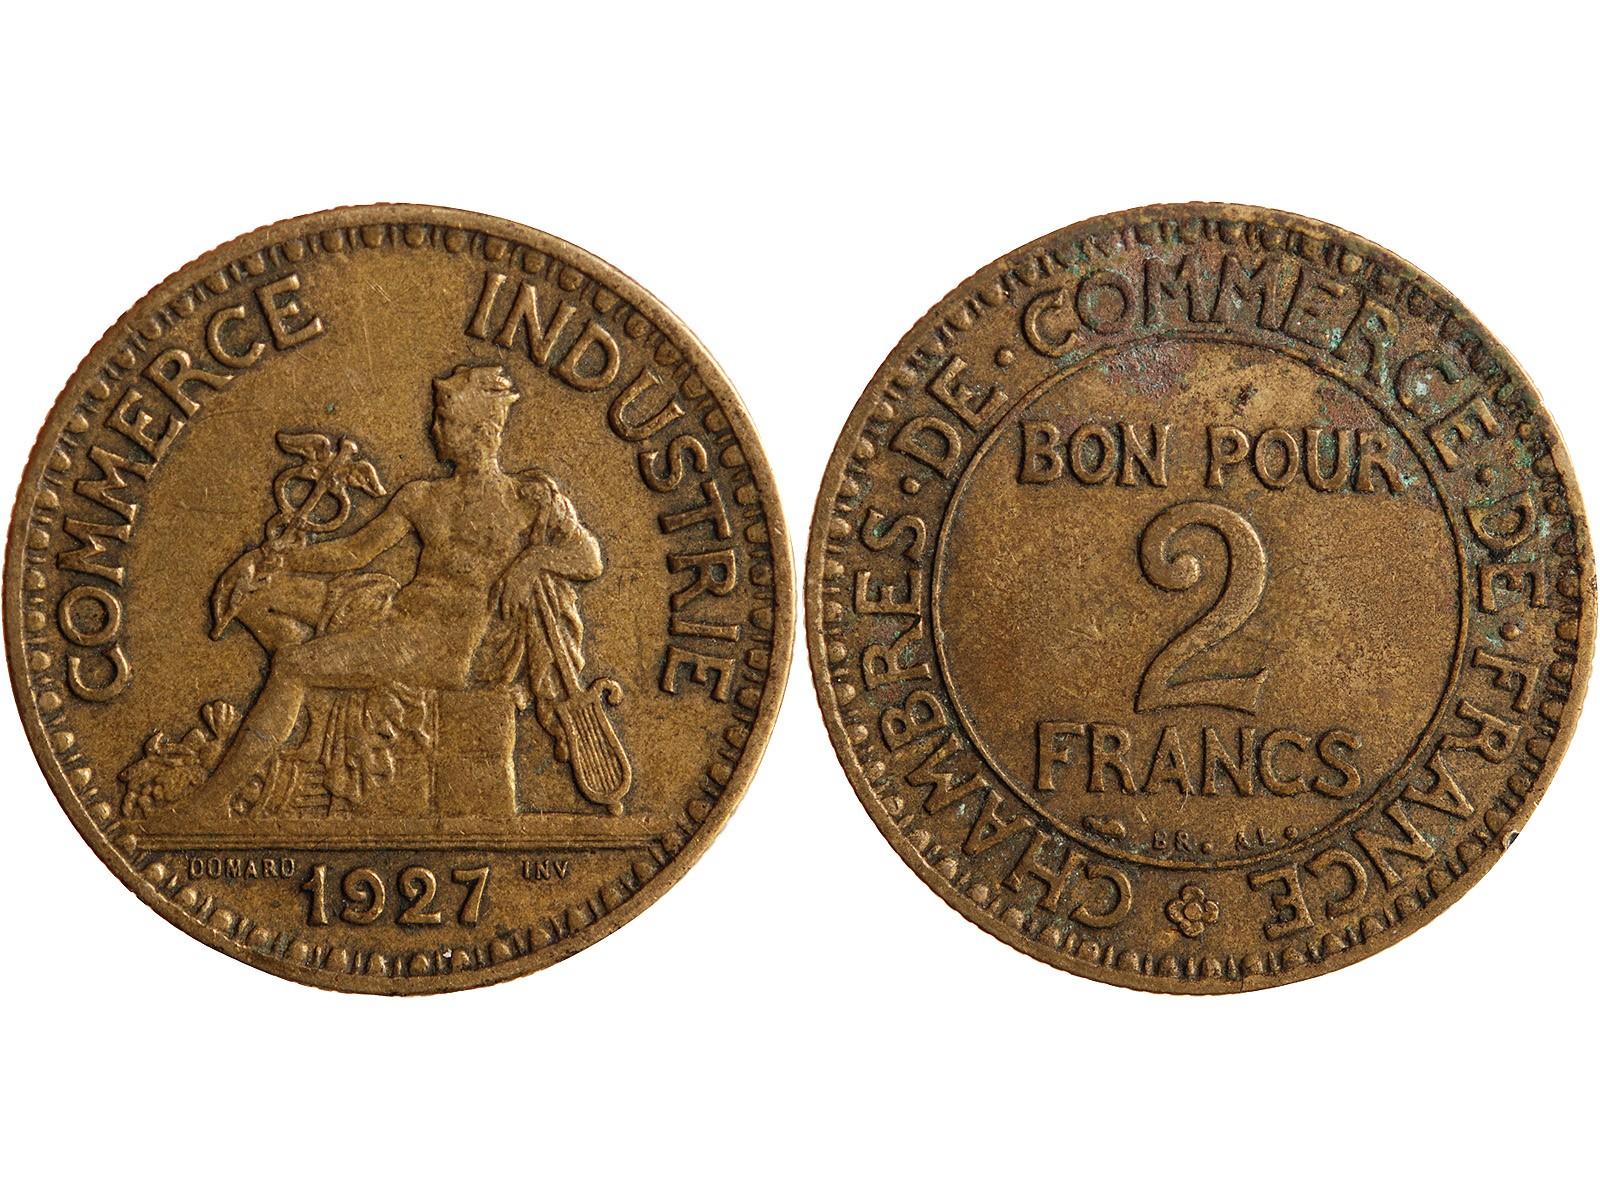 Chambre de commerce 2 francs 1927 for Chambre de commerce des bois francs